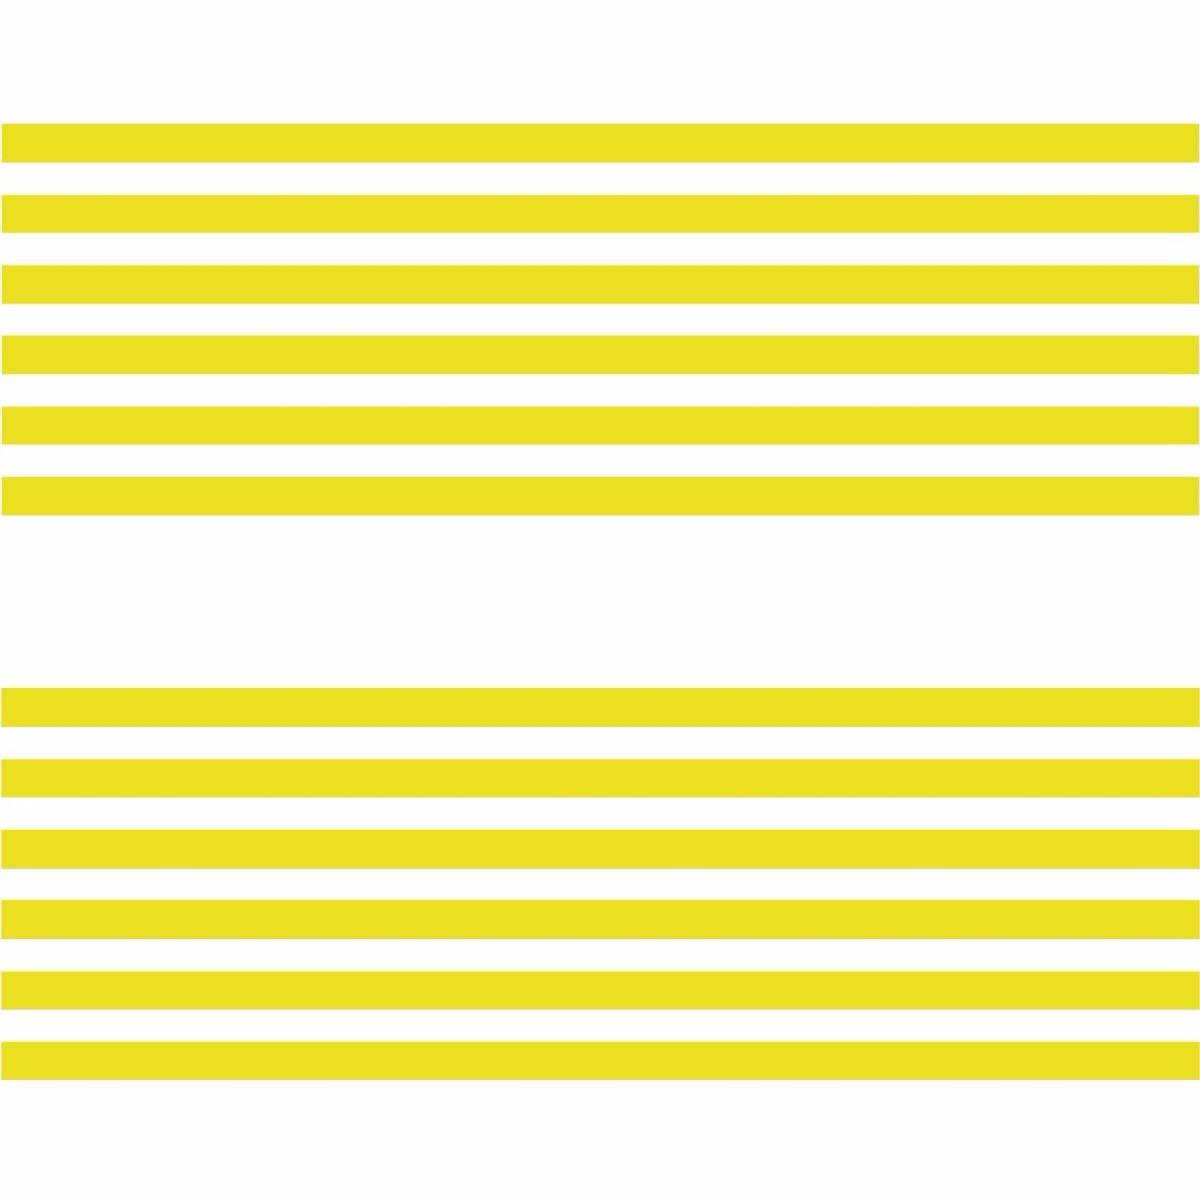 Faixa Border Sala Cl Ssica Adesivo Parede Infantil Kit20 R 49 00  -> Border De Parede Para Sala